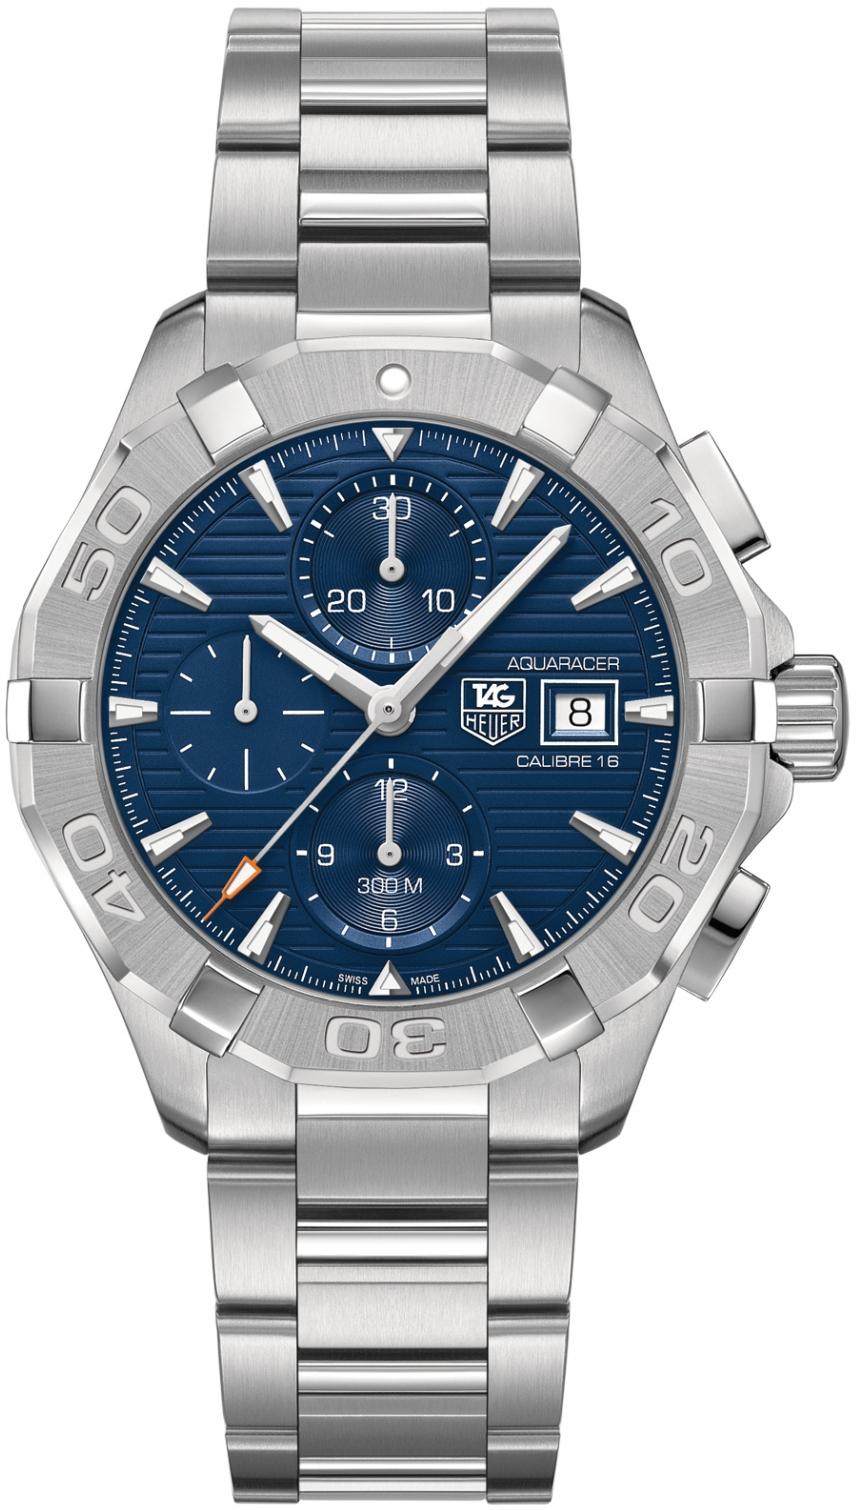 Tag Heuer Aquaracer CAY2112.BA0925  Наручные часы<br>Швейцарские часы Tag Heuer Aquaracer CAY2112.BA0925<br><br>Для кого?: Мужские<br>Страна-производитель: Швейцария<br>Механизм: Механический<br>Материал корпуса: Сталь<br>Материал ремня/браслета: Сталь<br>Водозащита, диапазон: 200 - 800 м<br>Стекло: Сапфировое<br>Толщина корпуса/: <br>Стиль: Спорт